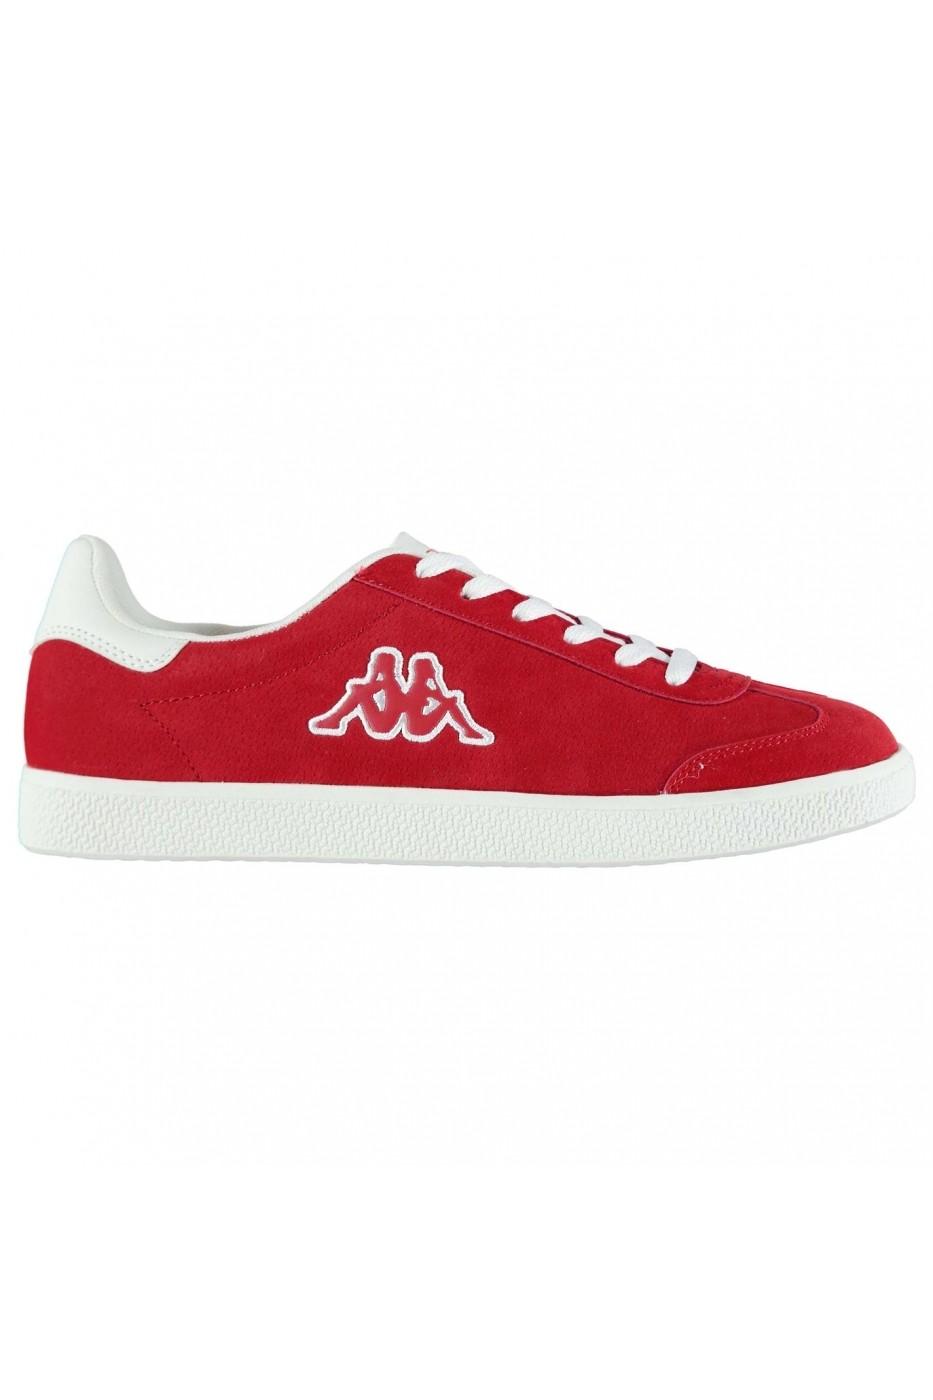 48ab9f55baea Kappa Sportcipő ARC-11507561 Piros - FashionUP!